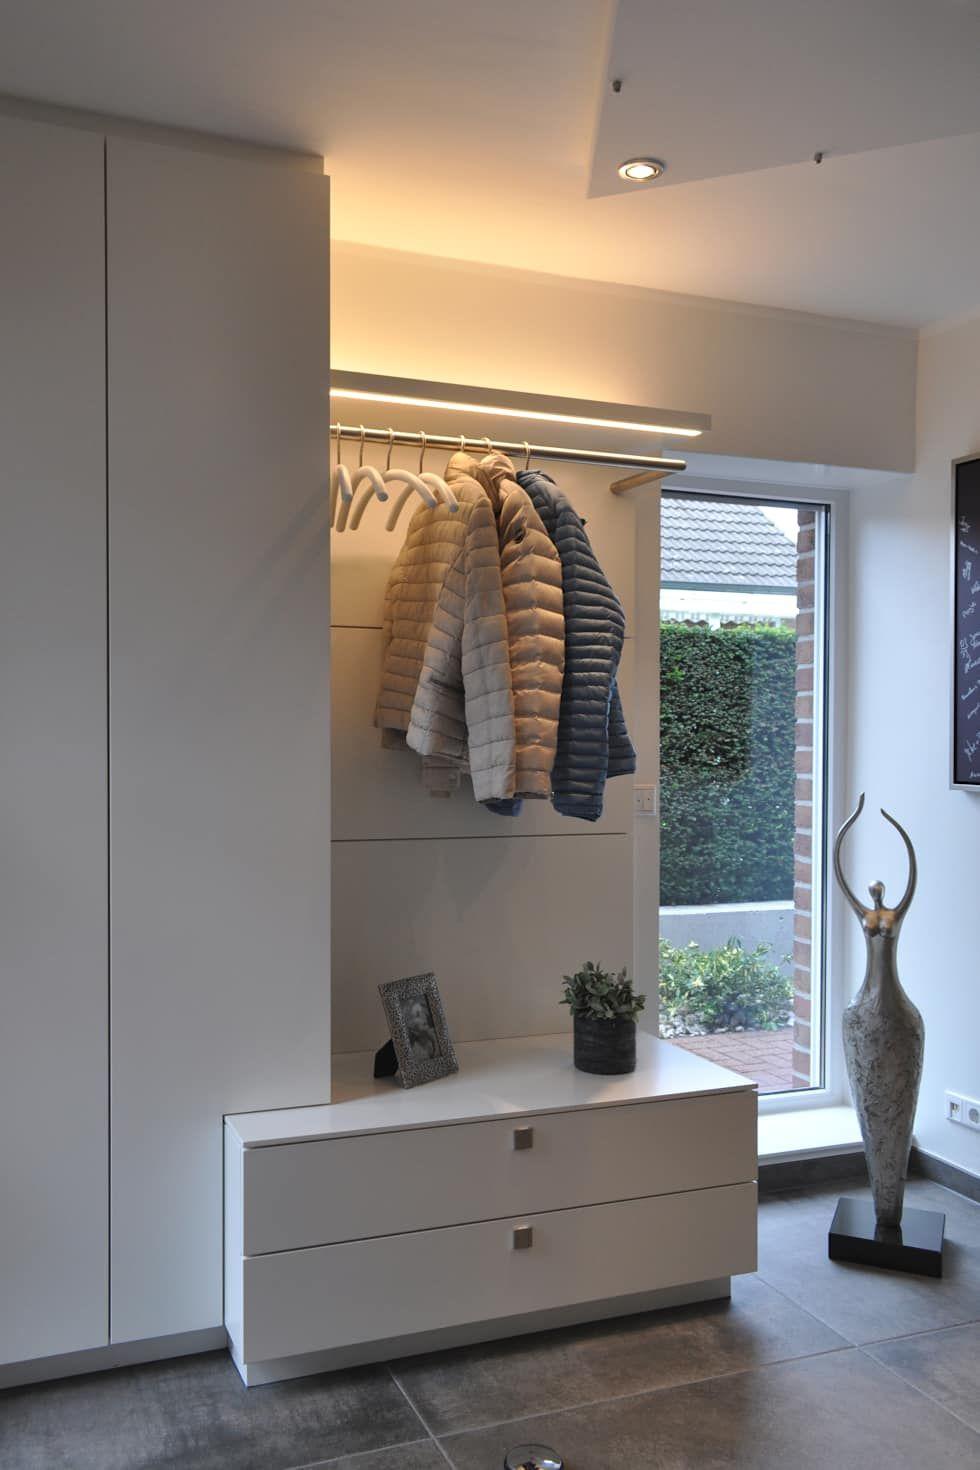 Wohnraumgestaltung – wohnmöbel nach maß im münsterland: flur & diele von klocke möbelwerkstätte ...